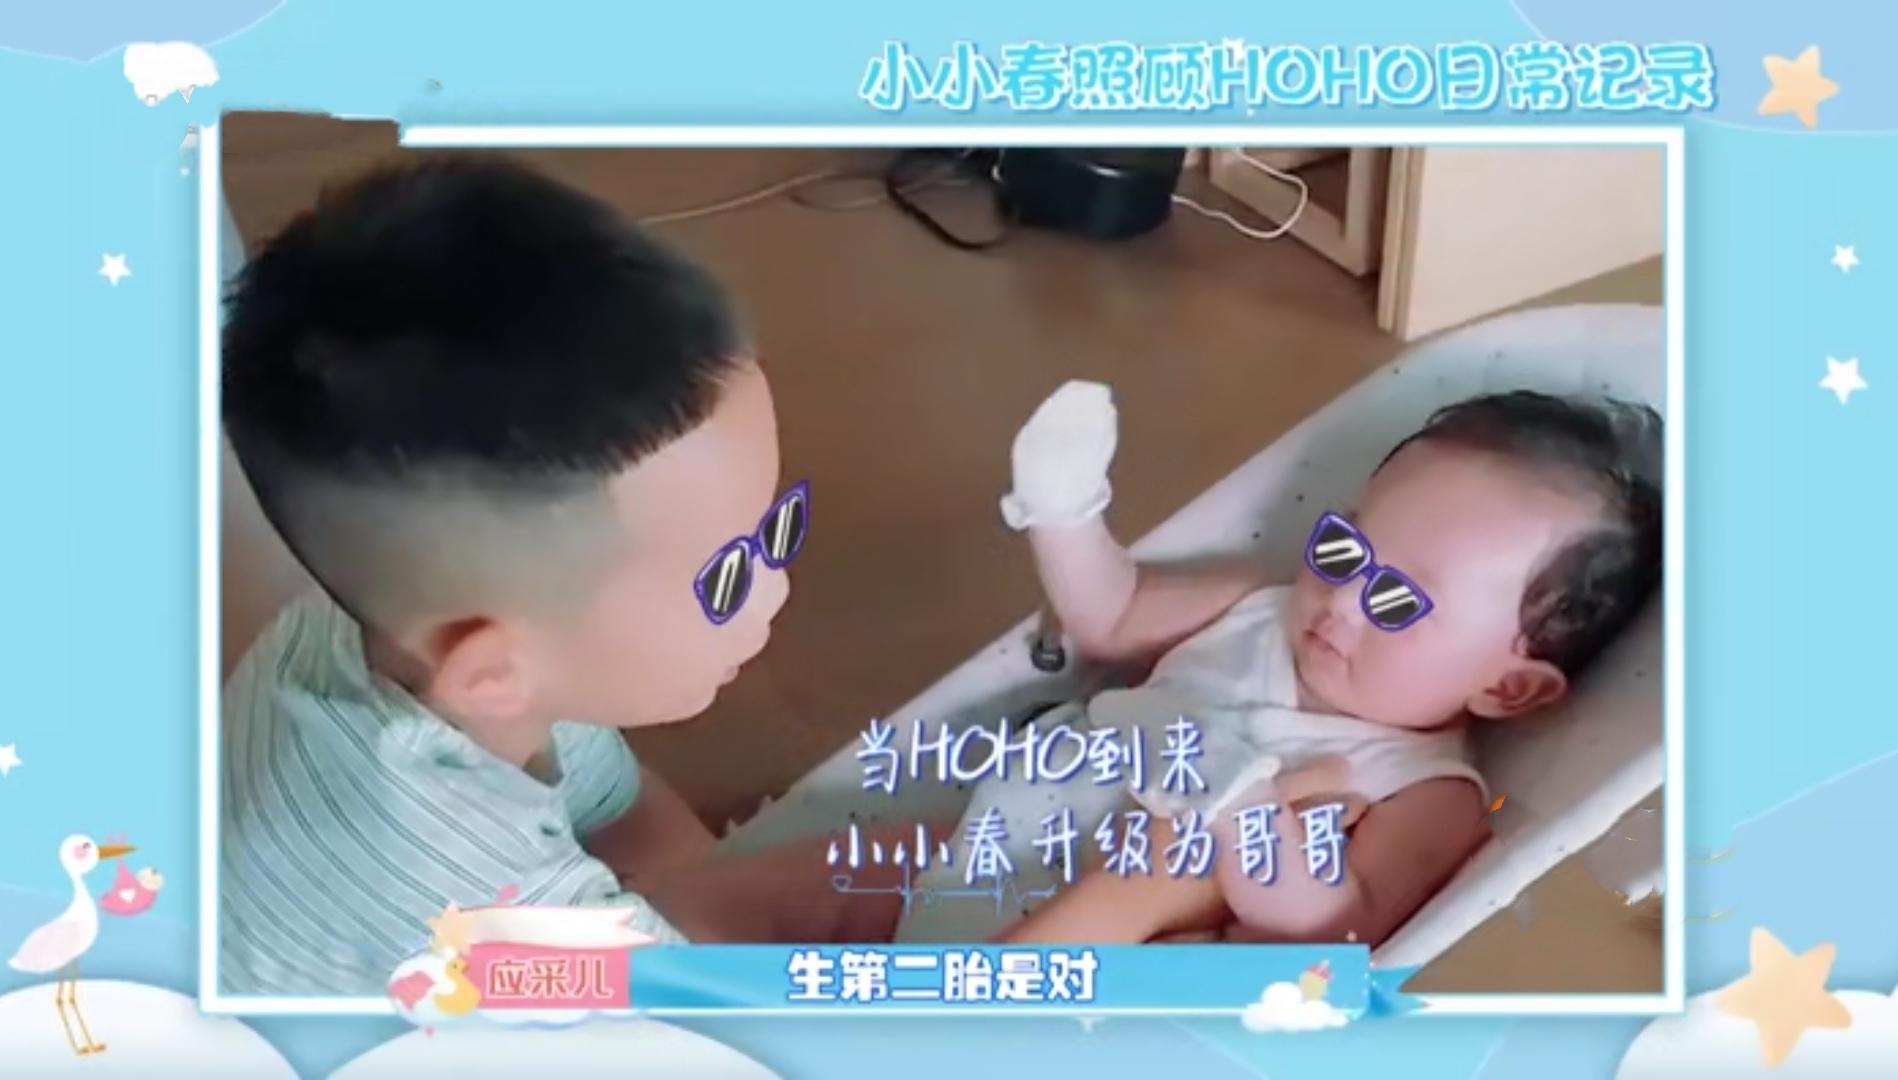 應采兒生二胎畫面曝光,哥哥給弟弟唱歌,HoHo牙牙學語像媽媽